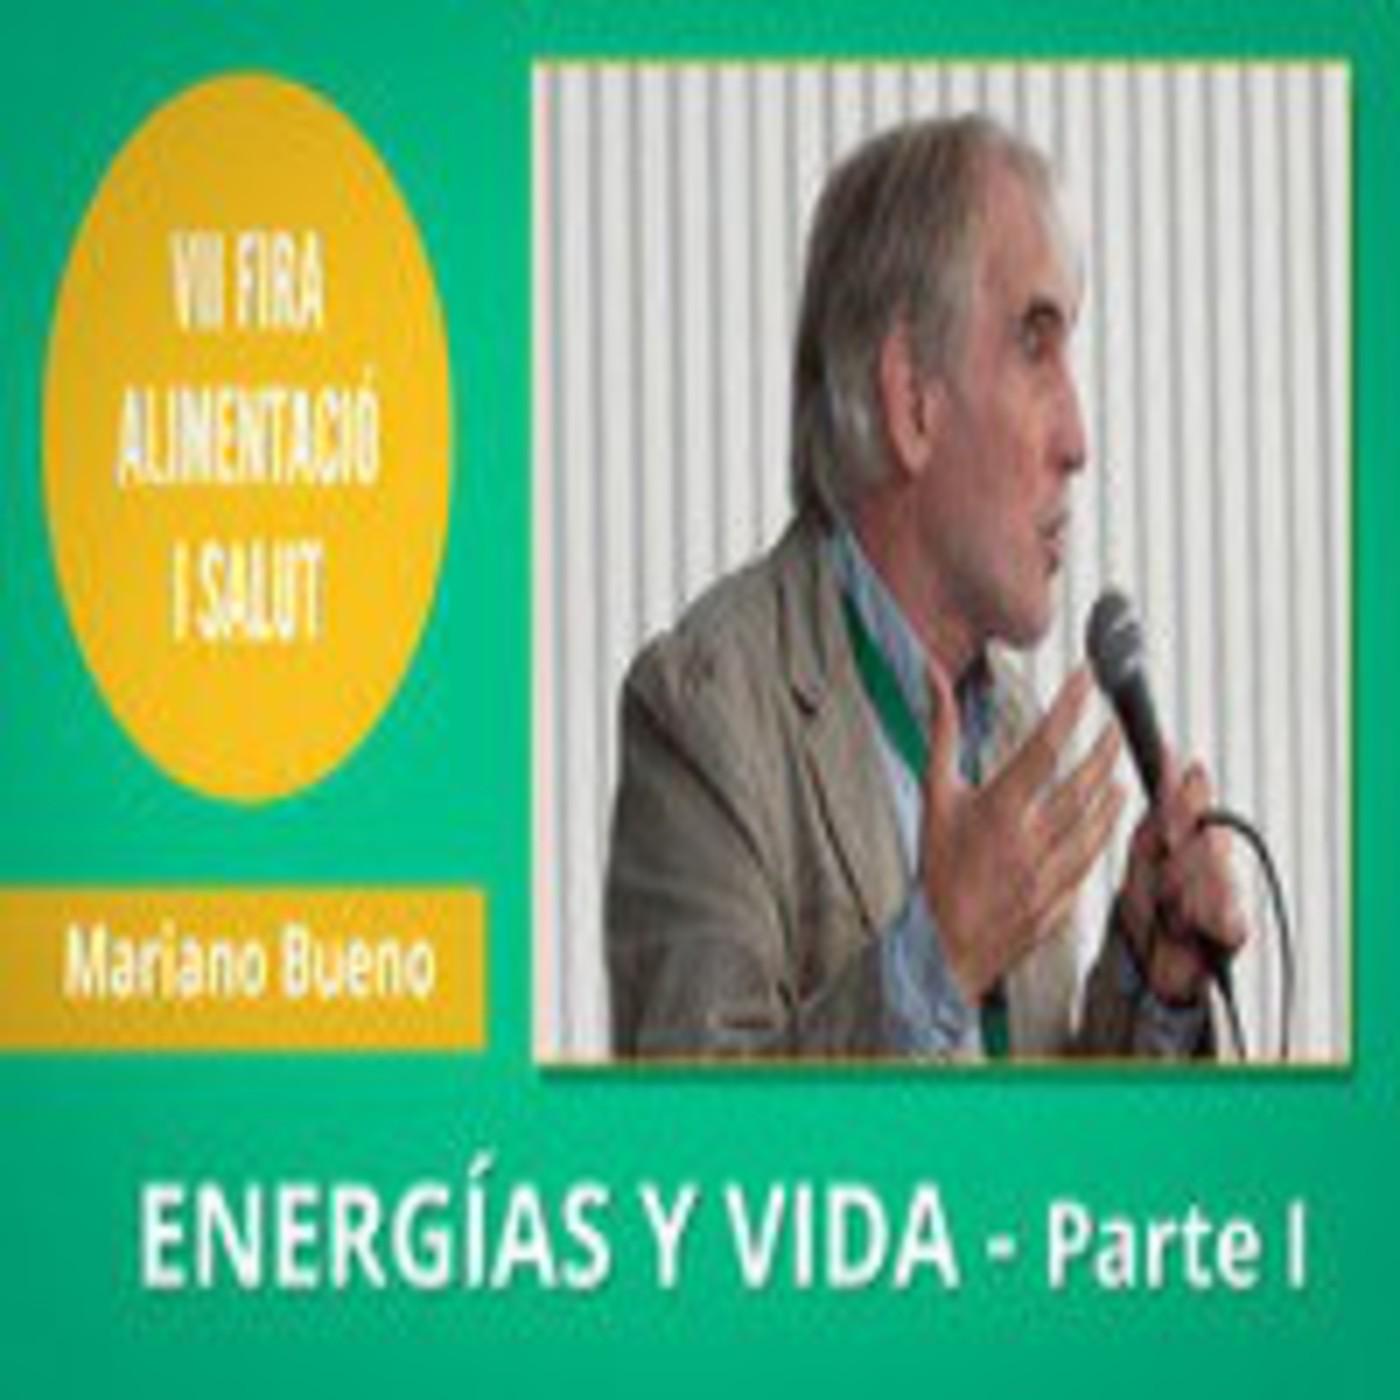 ENERGÍAS Y VIDA, Geobiología y Salud en las viviendas - Mariano Bueno PARTE 1